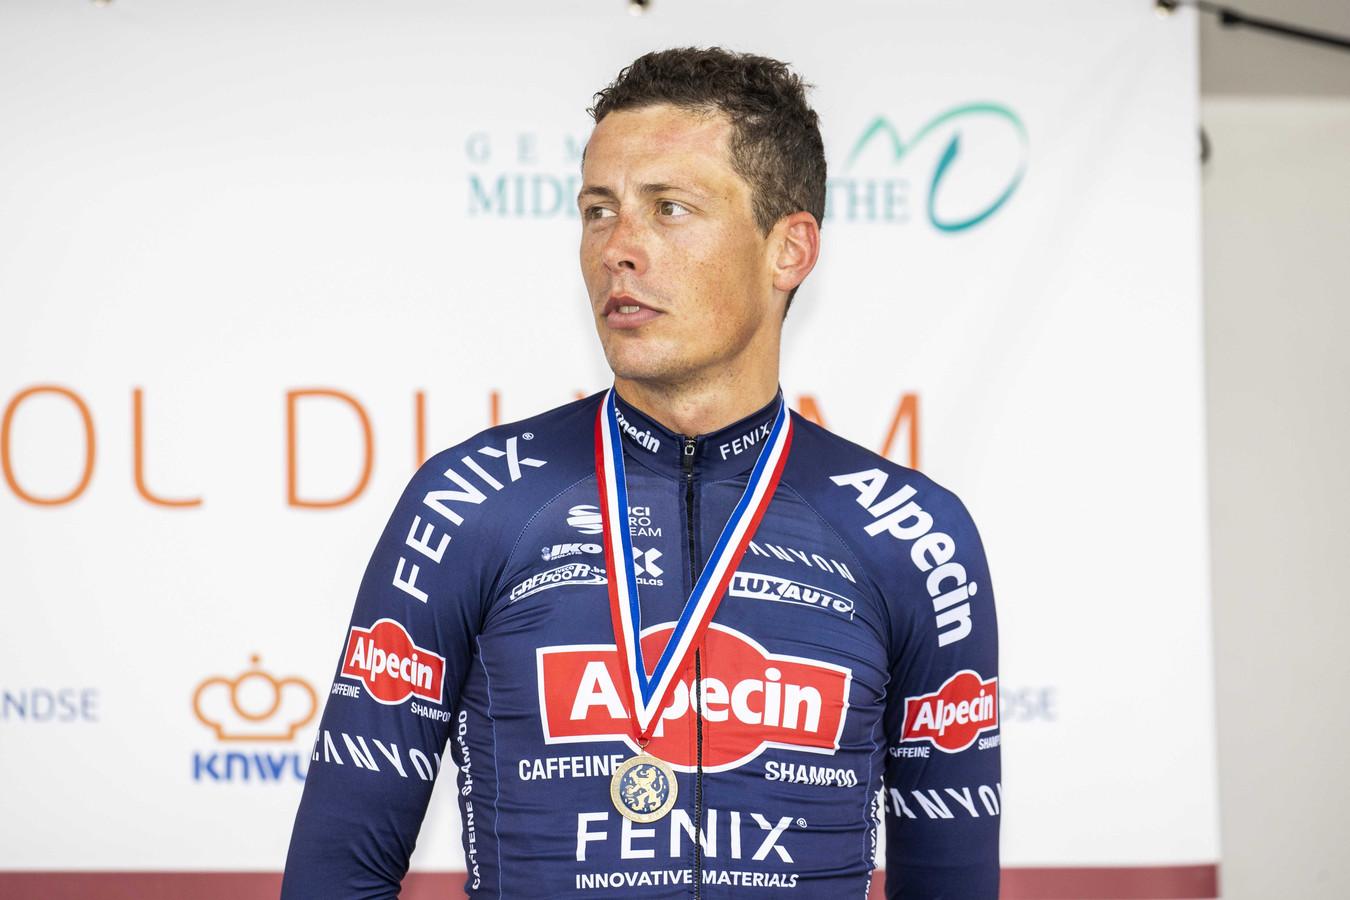 Oscar Riesebeek met zijn bronzen plak op het podium.